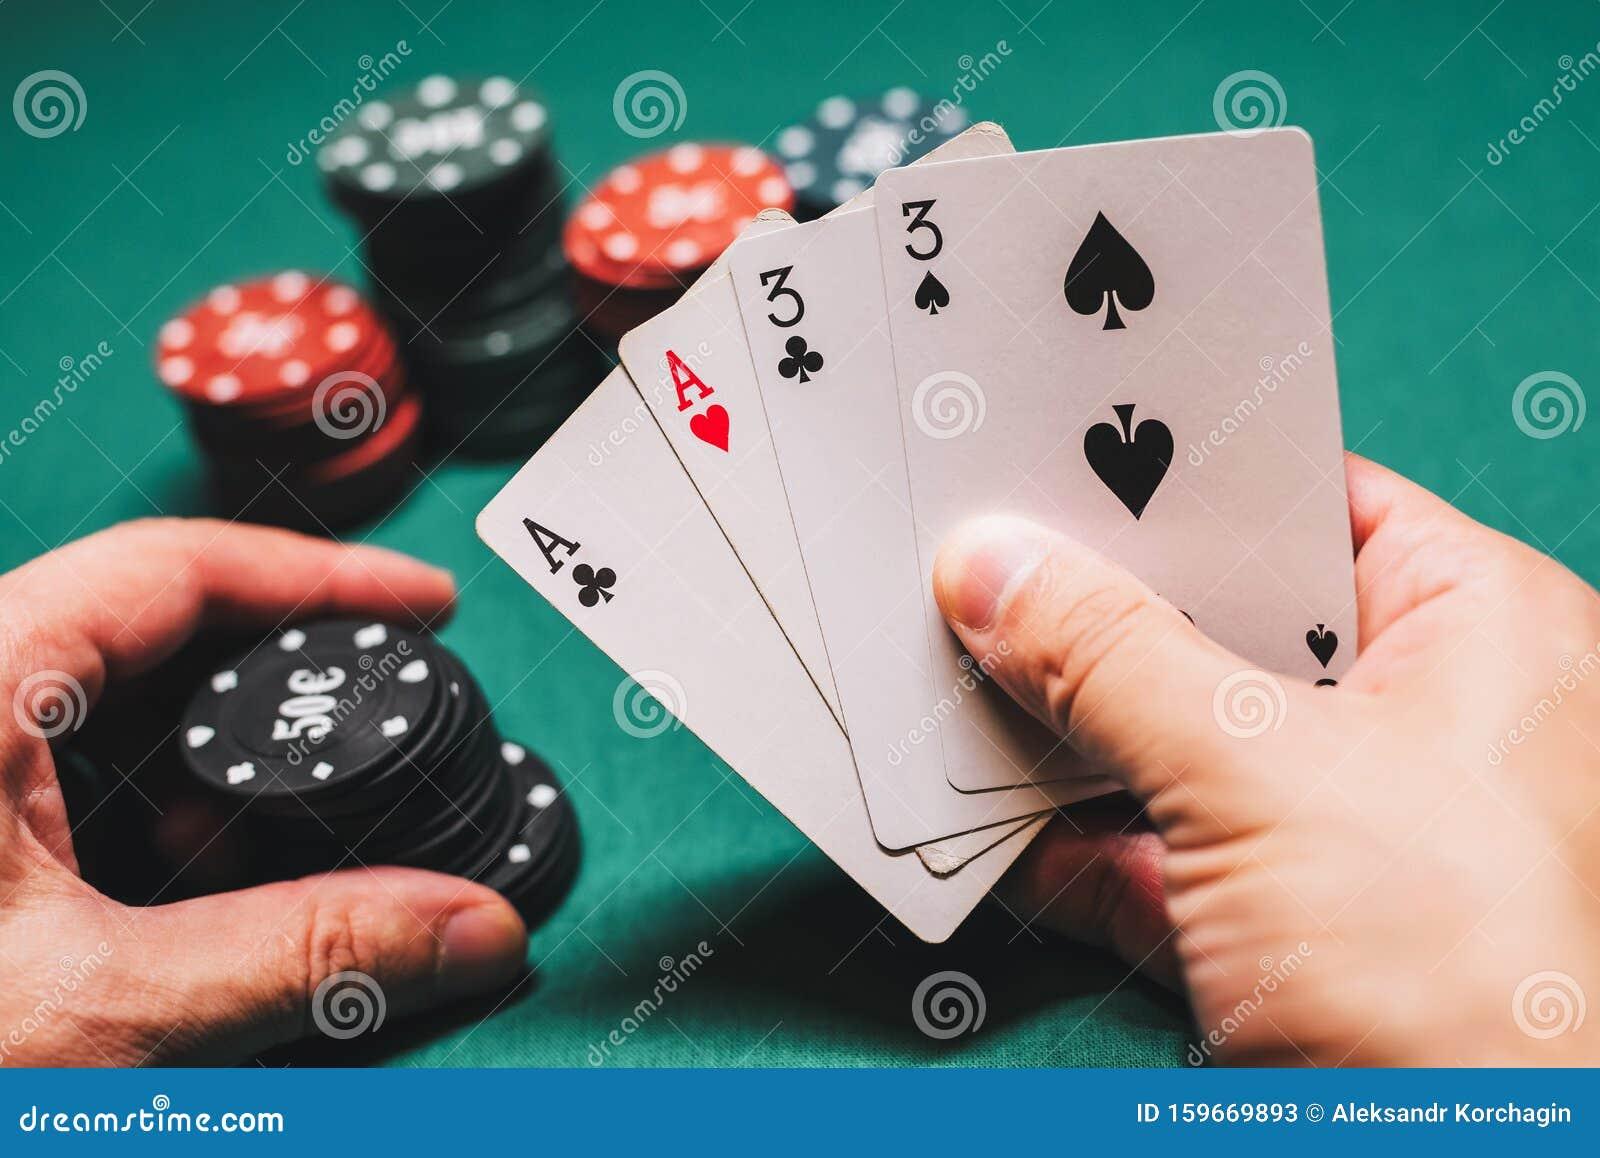 Играть в покер с двумя картами казино похожие на игруне